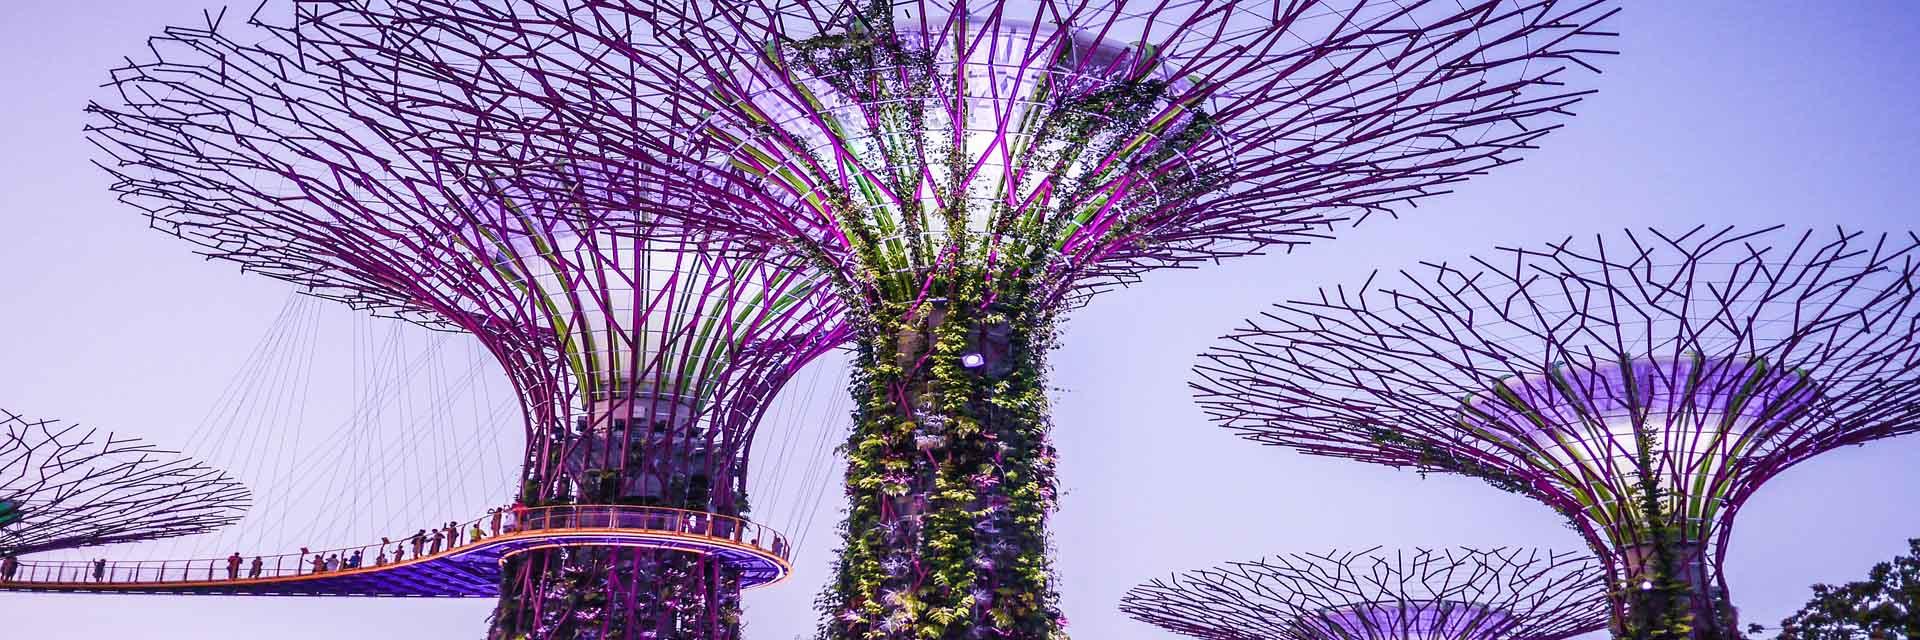 garden-at-the-bay-singapore